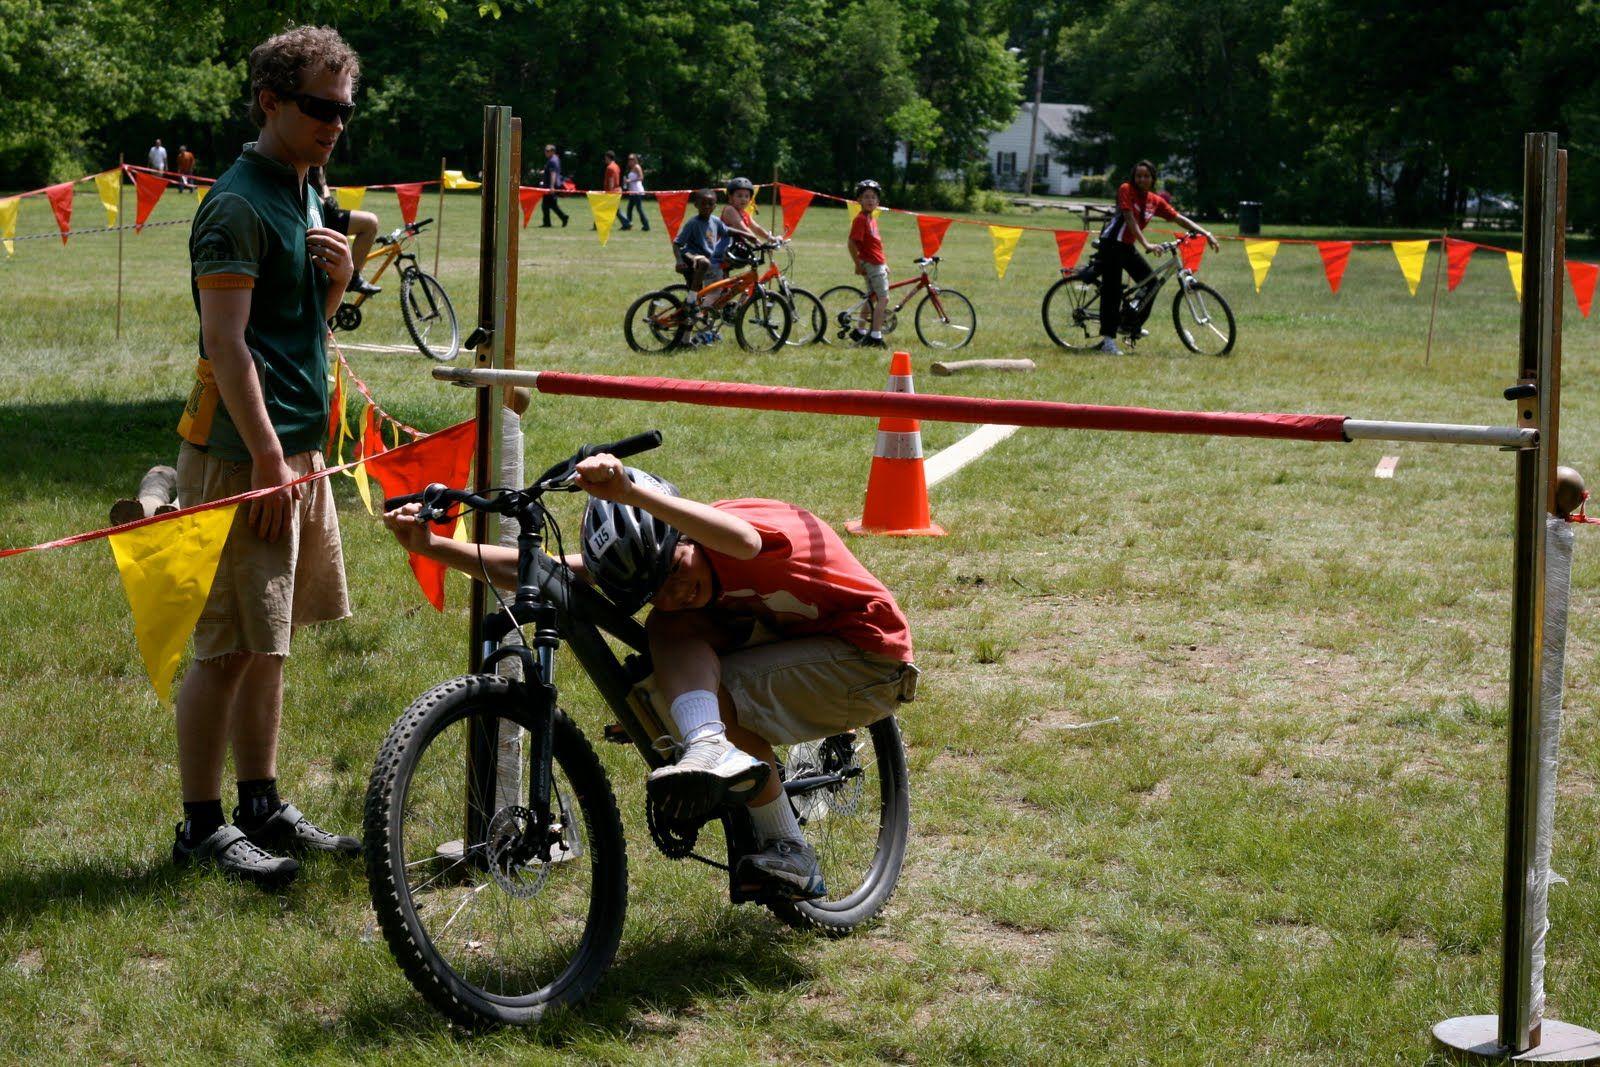 Kids Bike Skills Obstacle Course Google Search Kids Bike Kids Cycle Bike Events